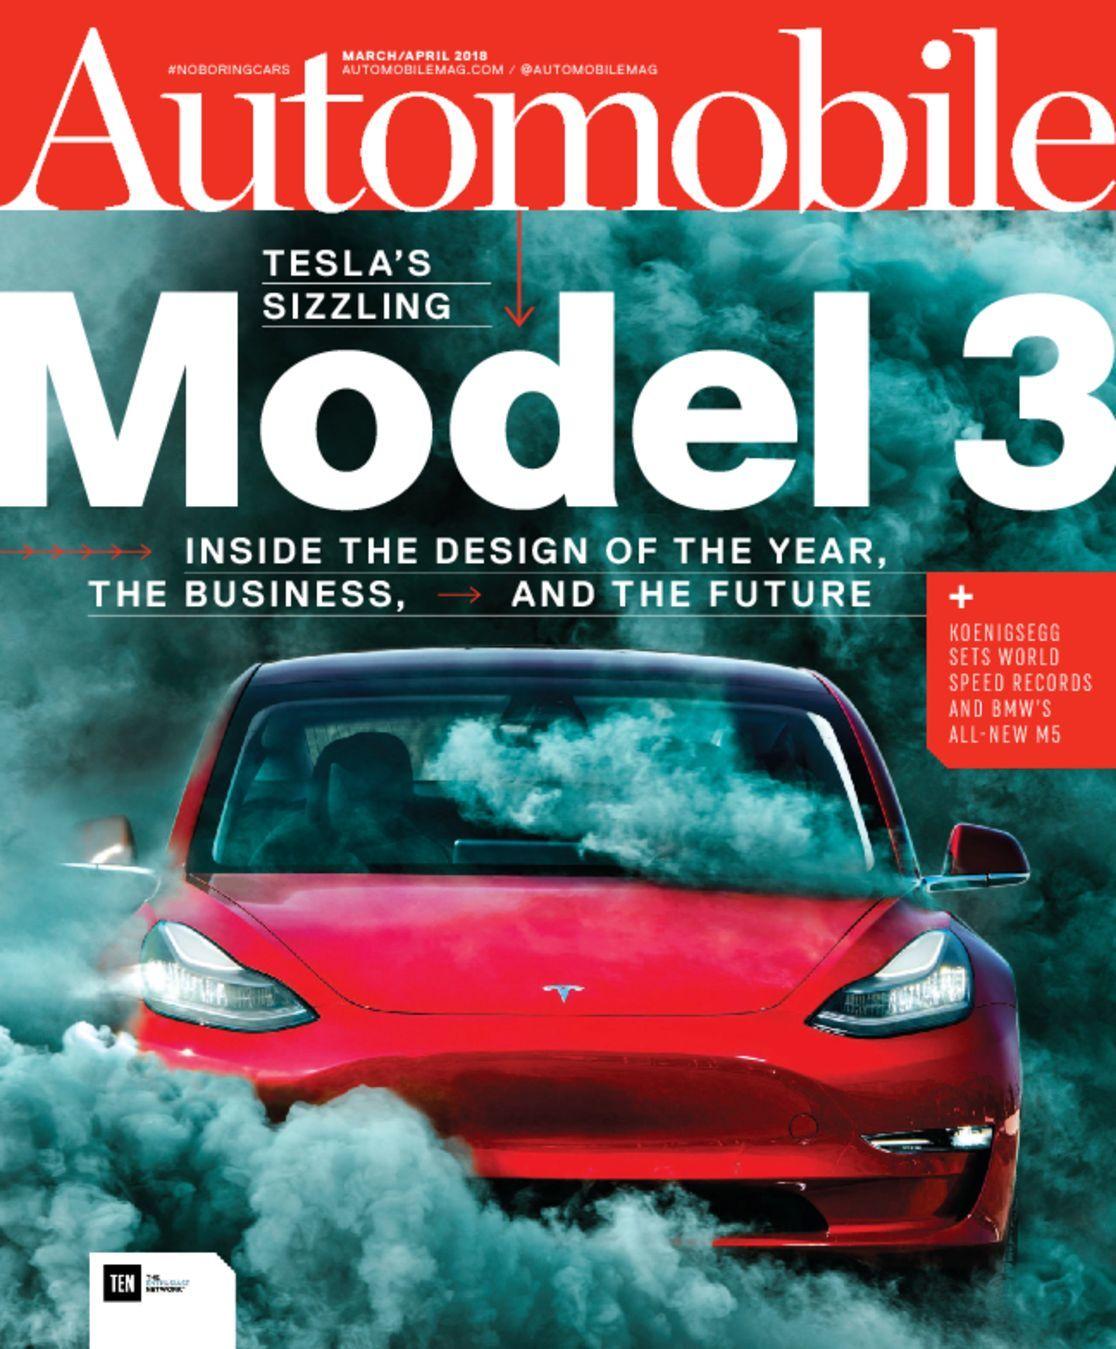 Automobile Digital